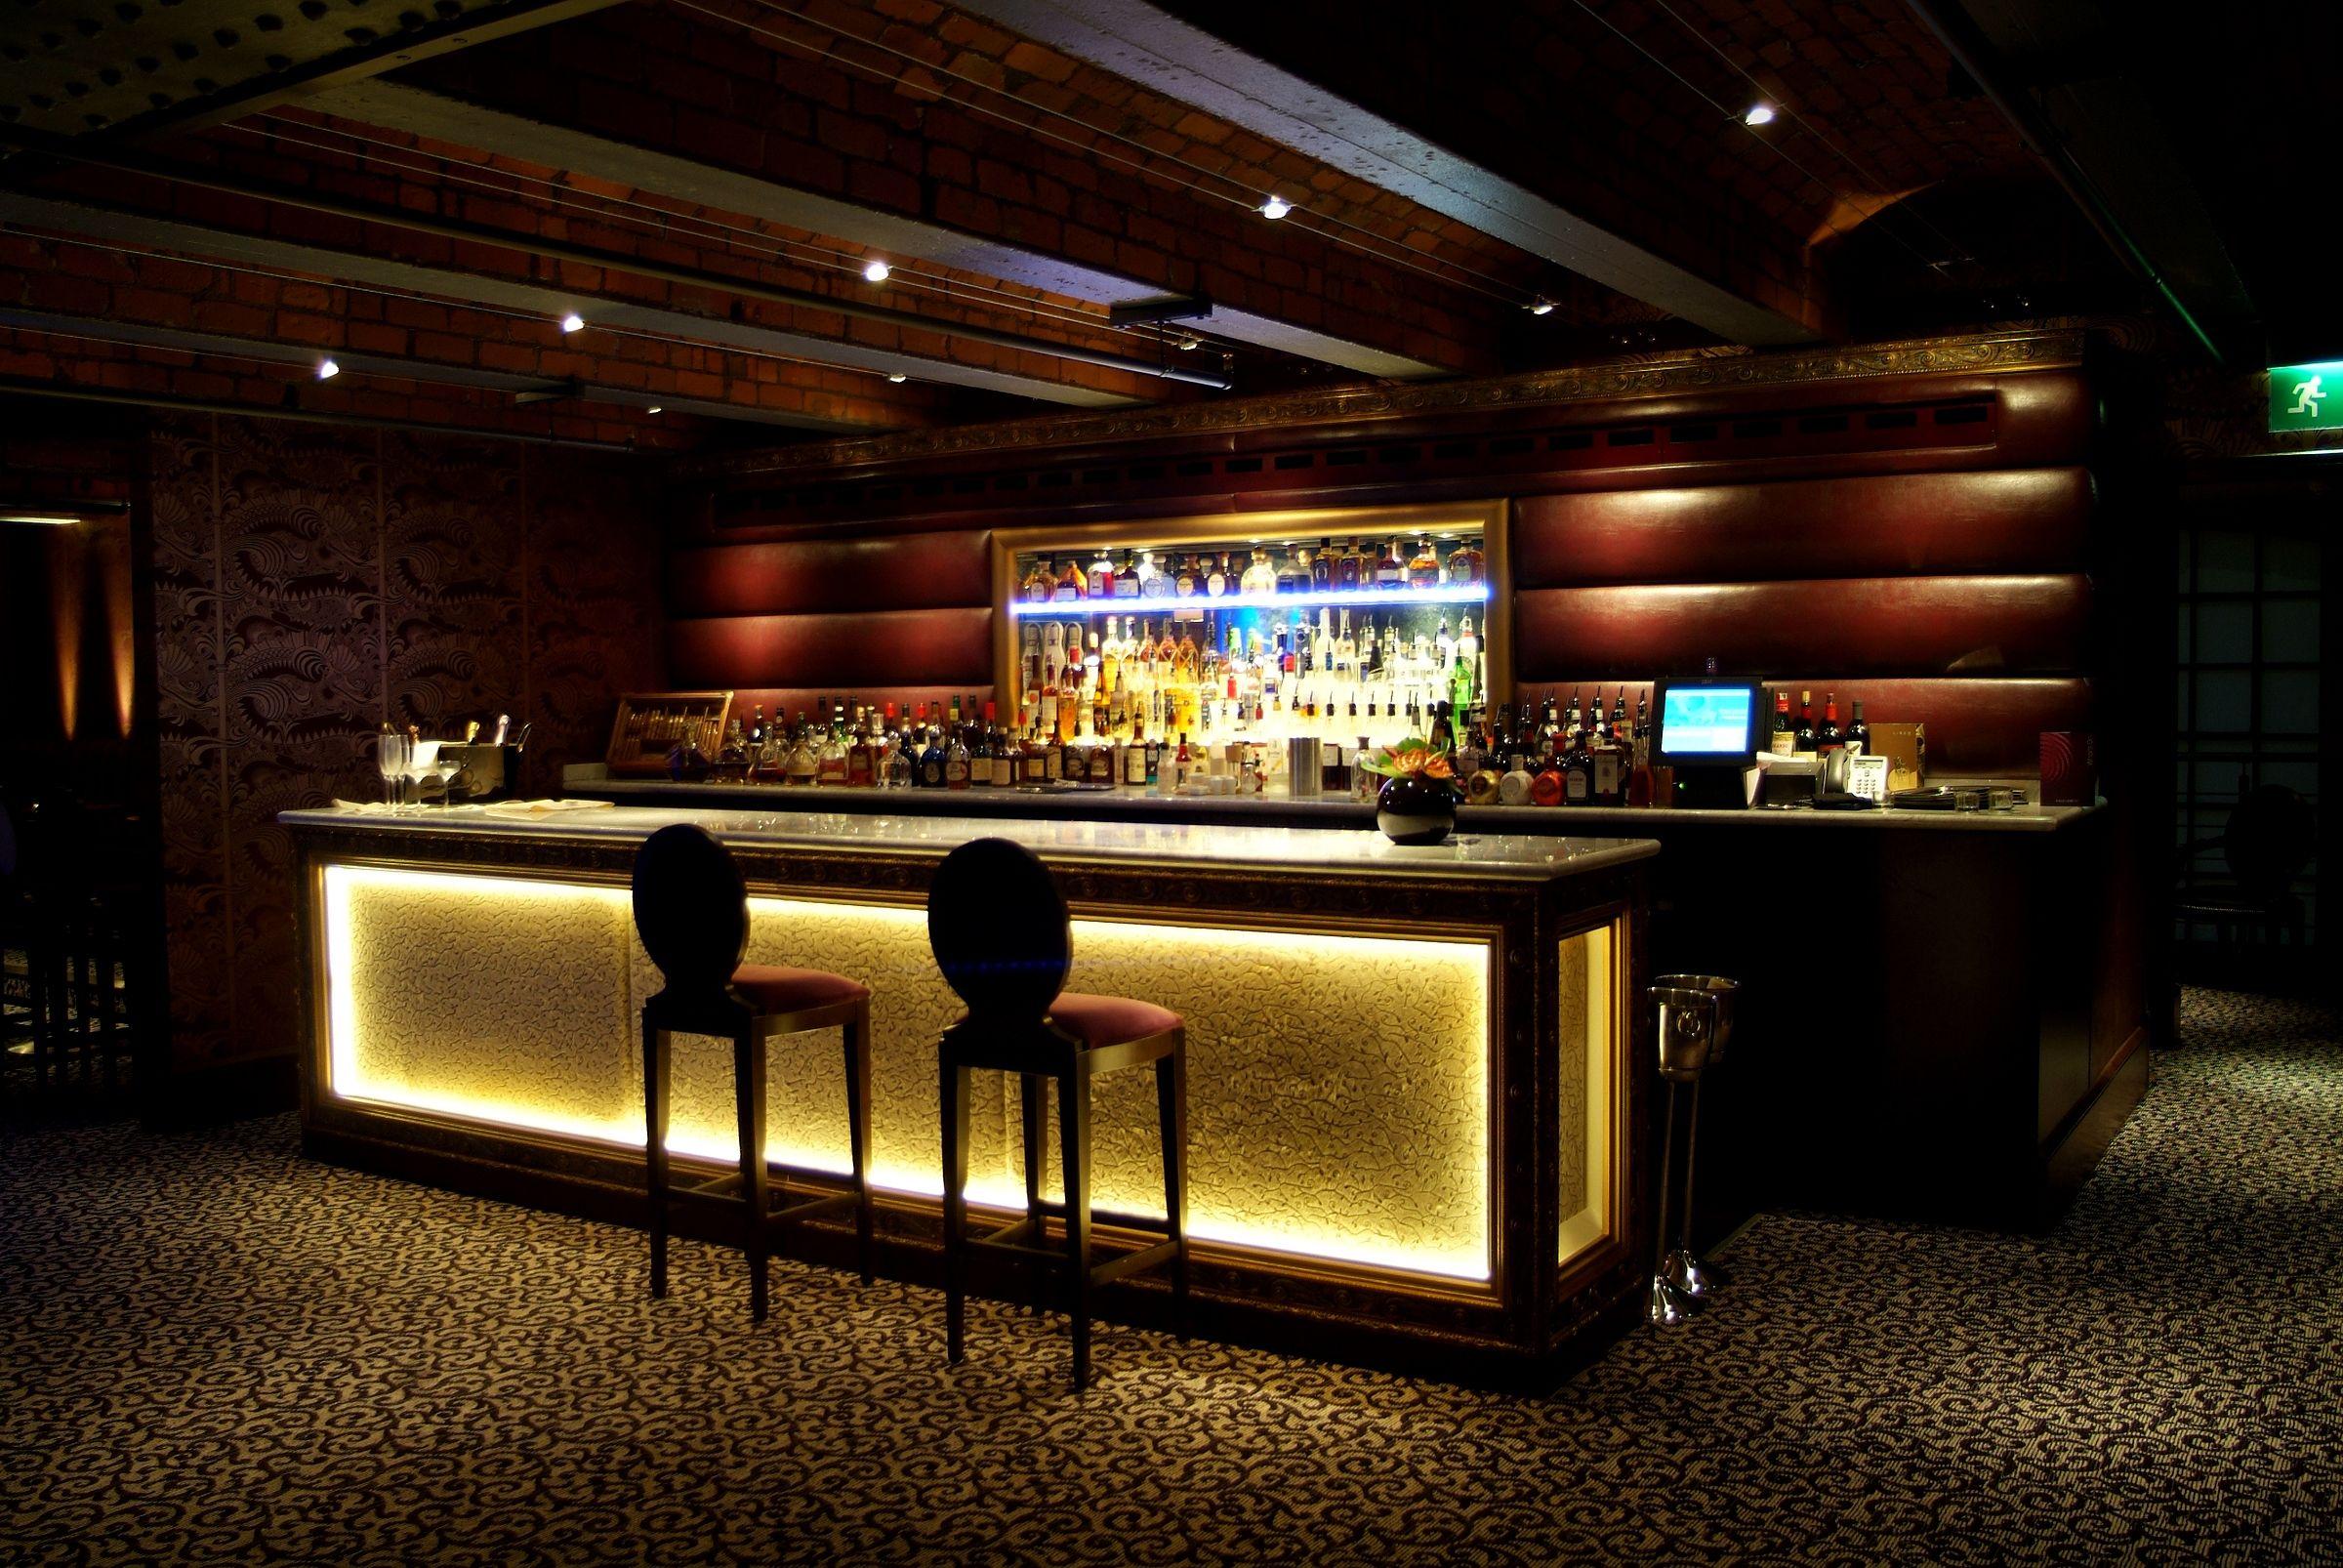 cocktail barinterior design  Bars in 2019  Bar interior design Cocktail bar design Cocktail